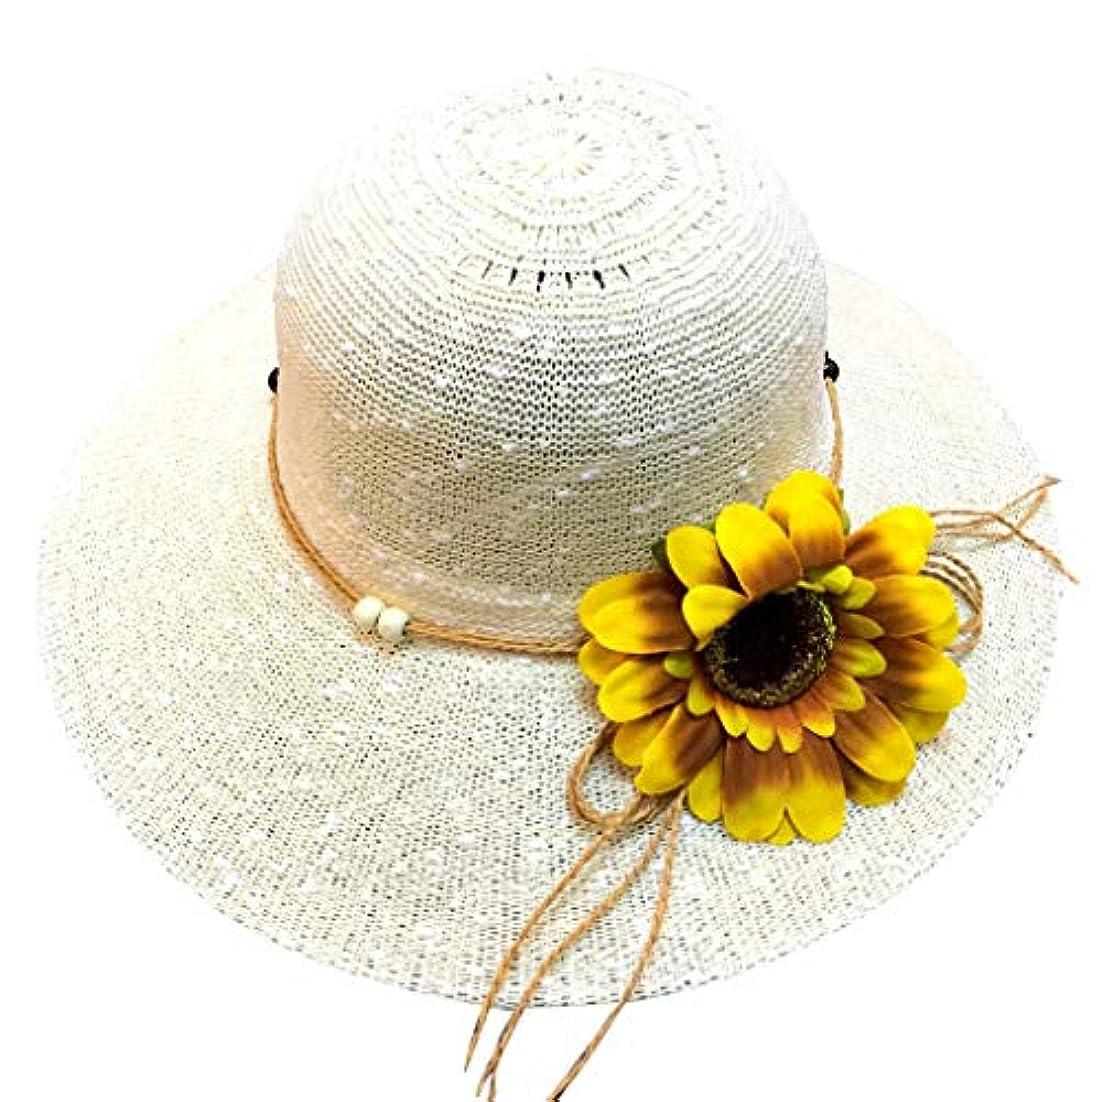 服を片付ける言い訳適用する帽子 レディース アウトドア 夏 春 UVカット 帽子 ハット 漁師帽 日焼け防止 つば広 紫外線対策 大きいサイズ ひまわり 可愛い ハット 旅行用 日よけ 夏季 ビーチ 無地 ハット レディース 女性 ROSE ROMAN